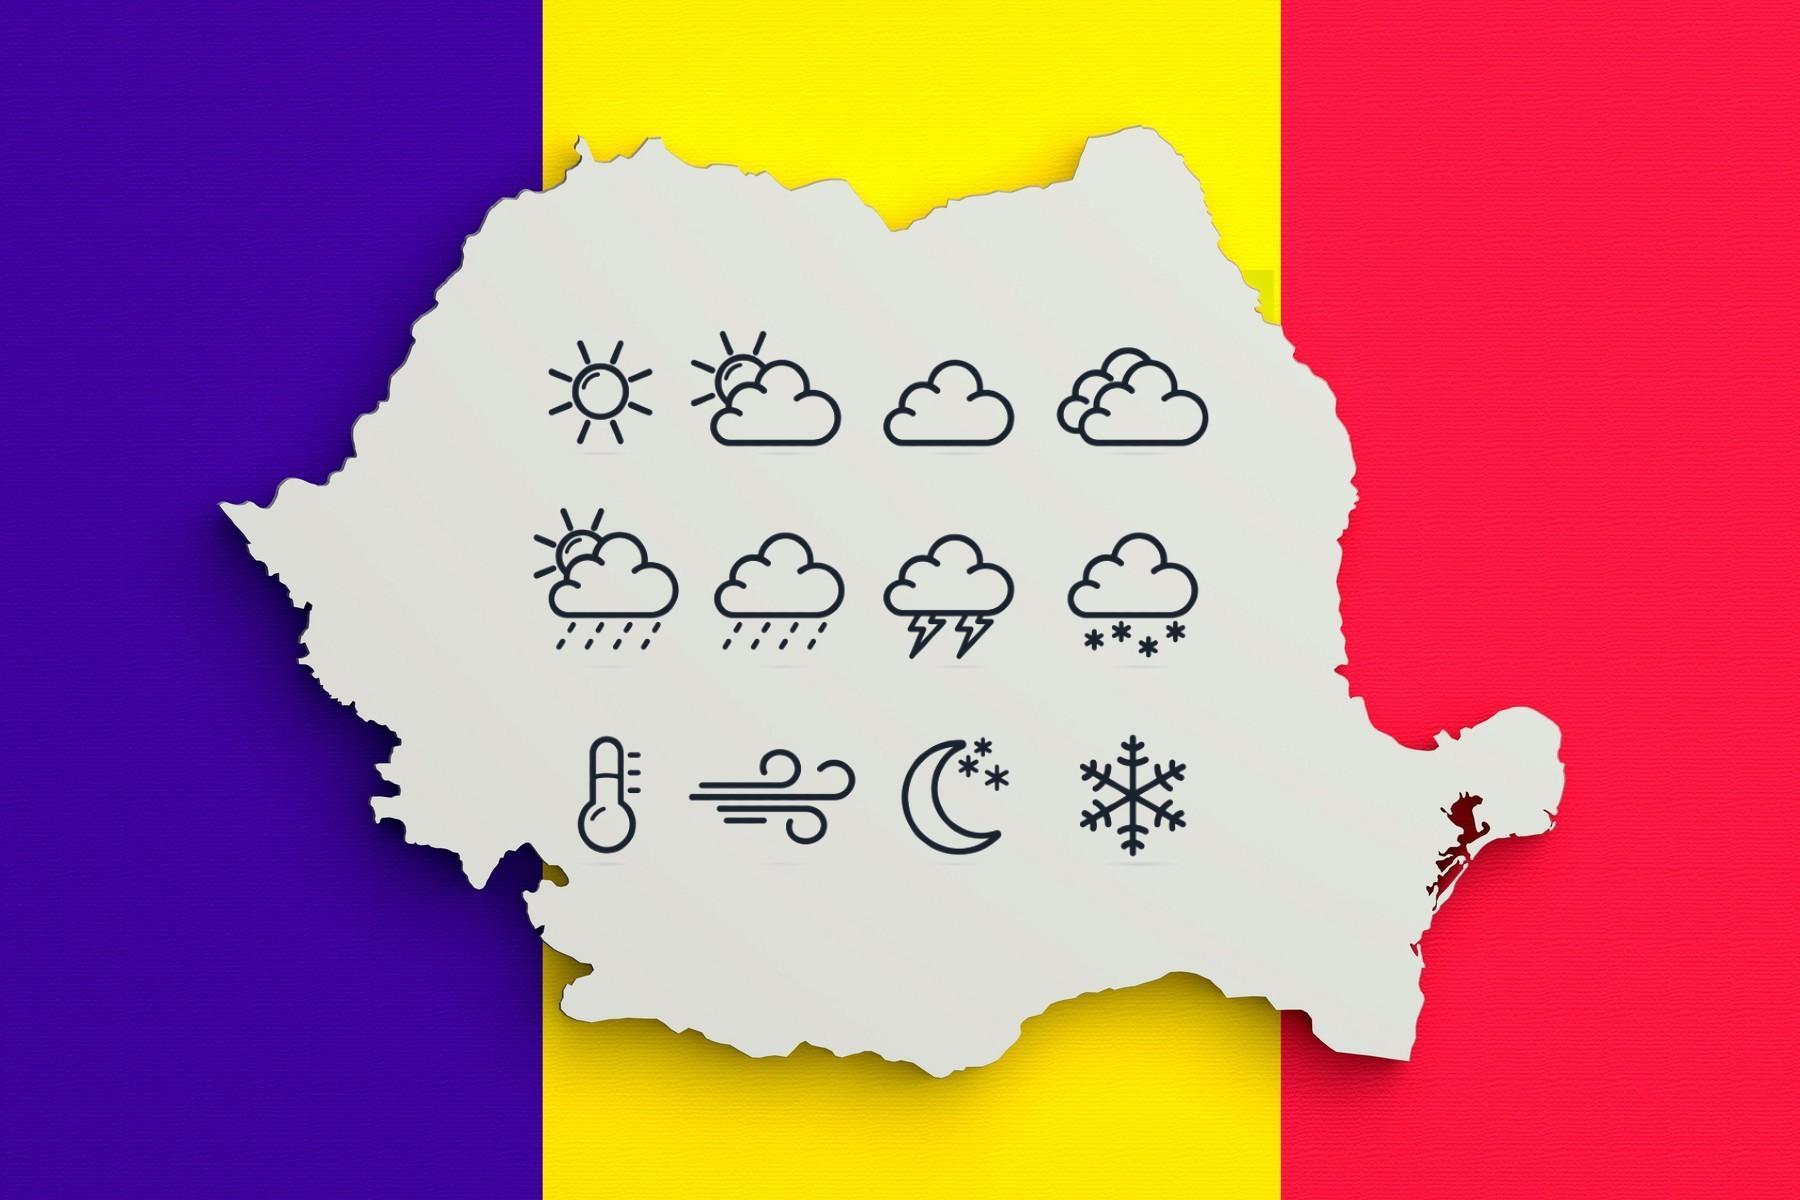 Prognoza meteo 29 ianuarie 2021. Cum e vremea în România și care sunt previziunile ANM pentru astăzi